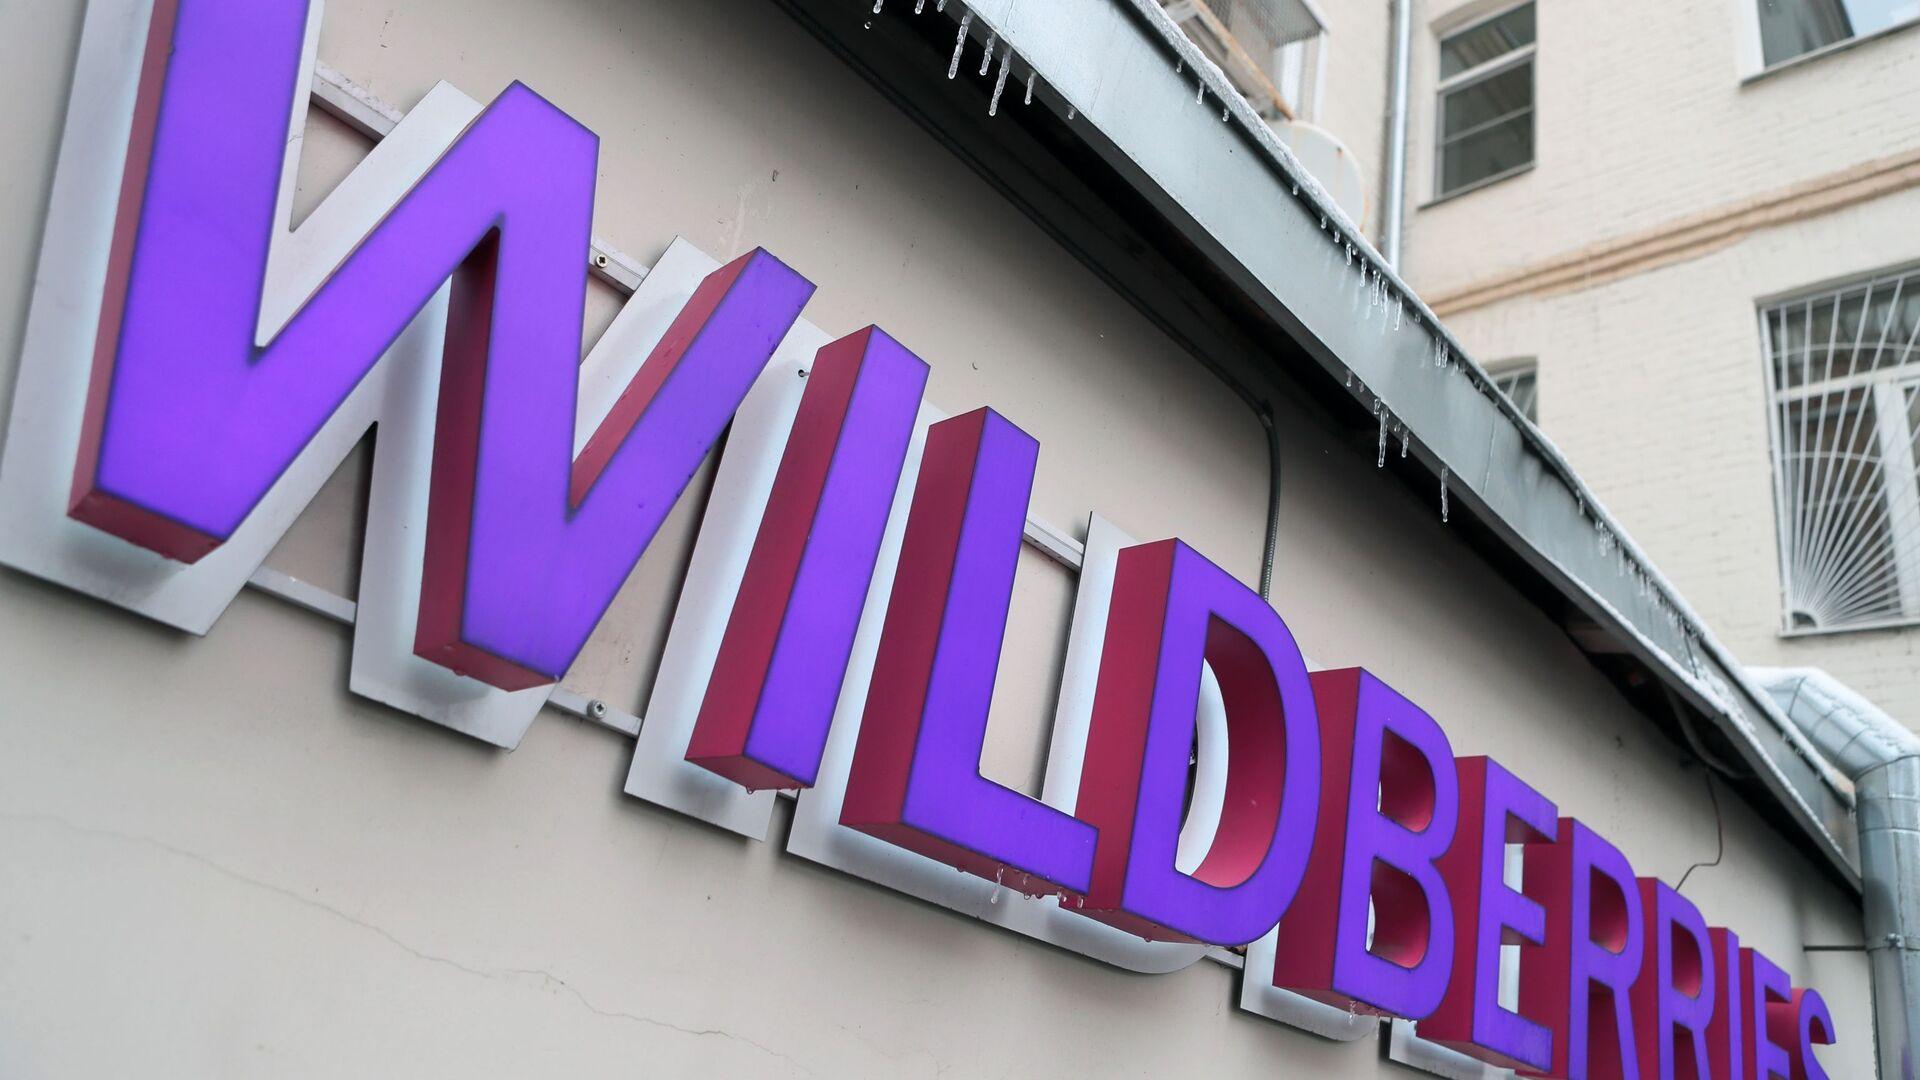 Название интернет-магазина Wildberries  - РИА Новости, 1920, 16.09.2021